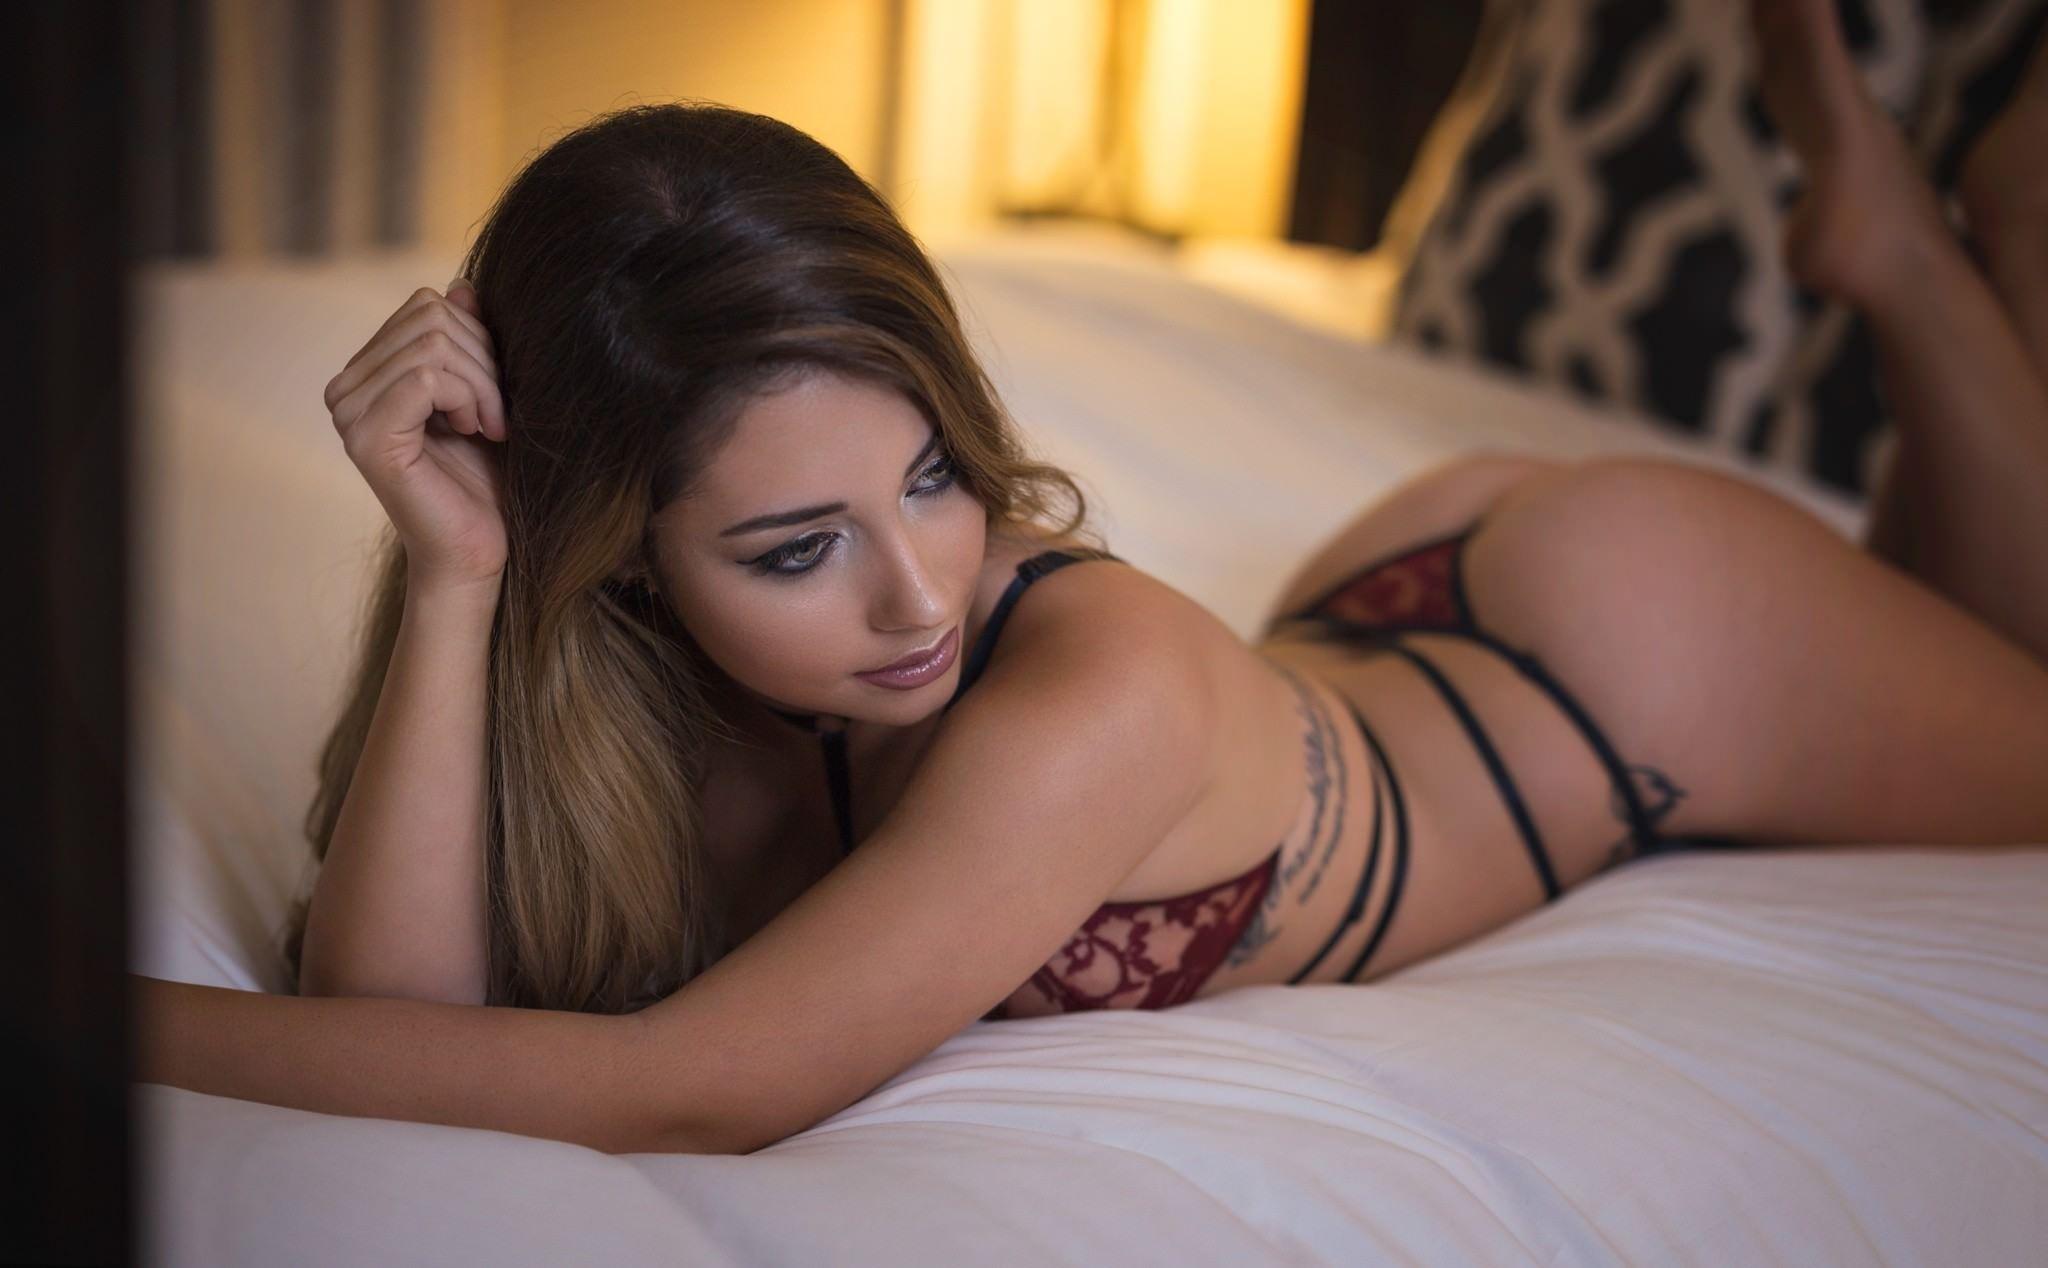 Фото Бордовые стринги на попе, красивая девушка в нижнем белье задумчиво лежит на кровати, скачать картинку бесплатно